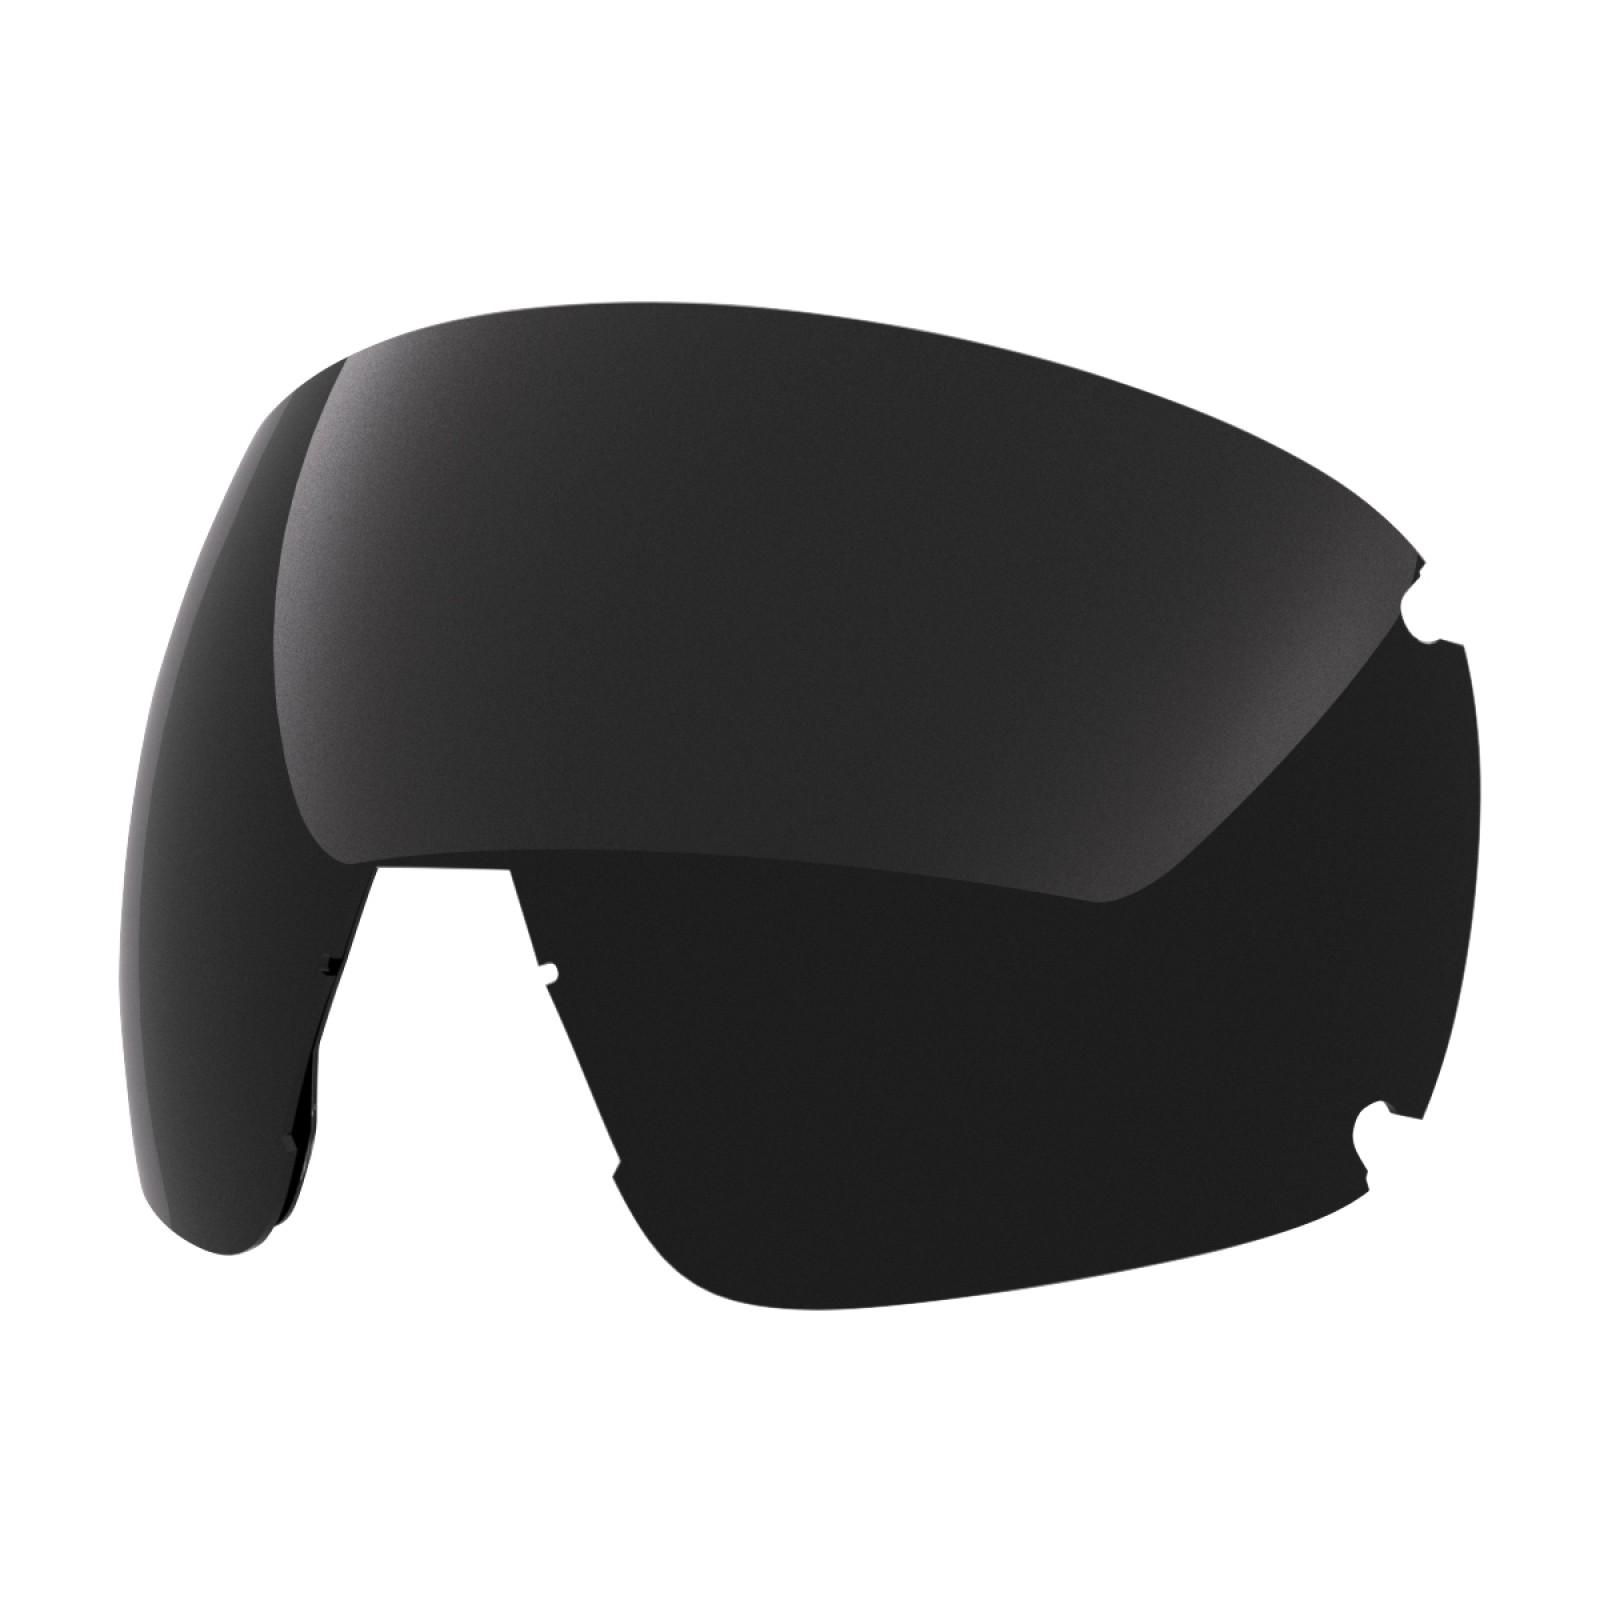 Smoke lens for  Earth goggle